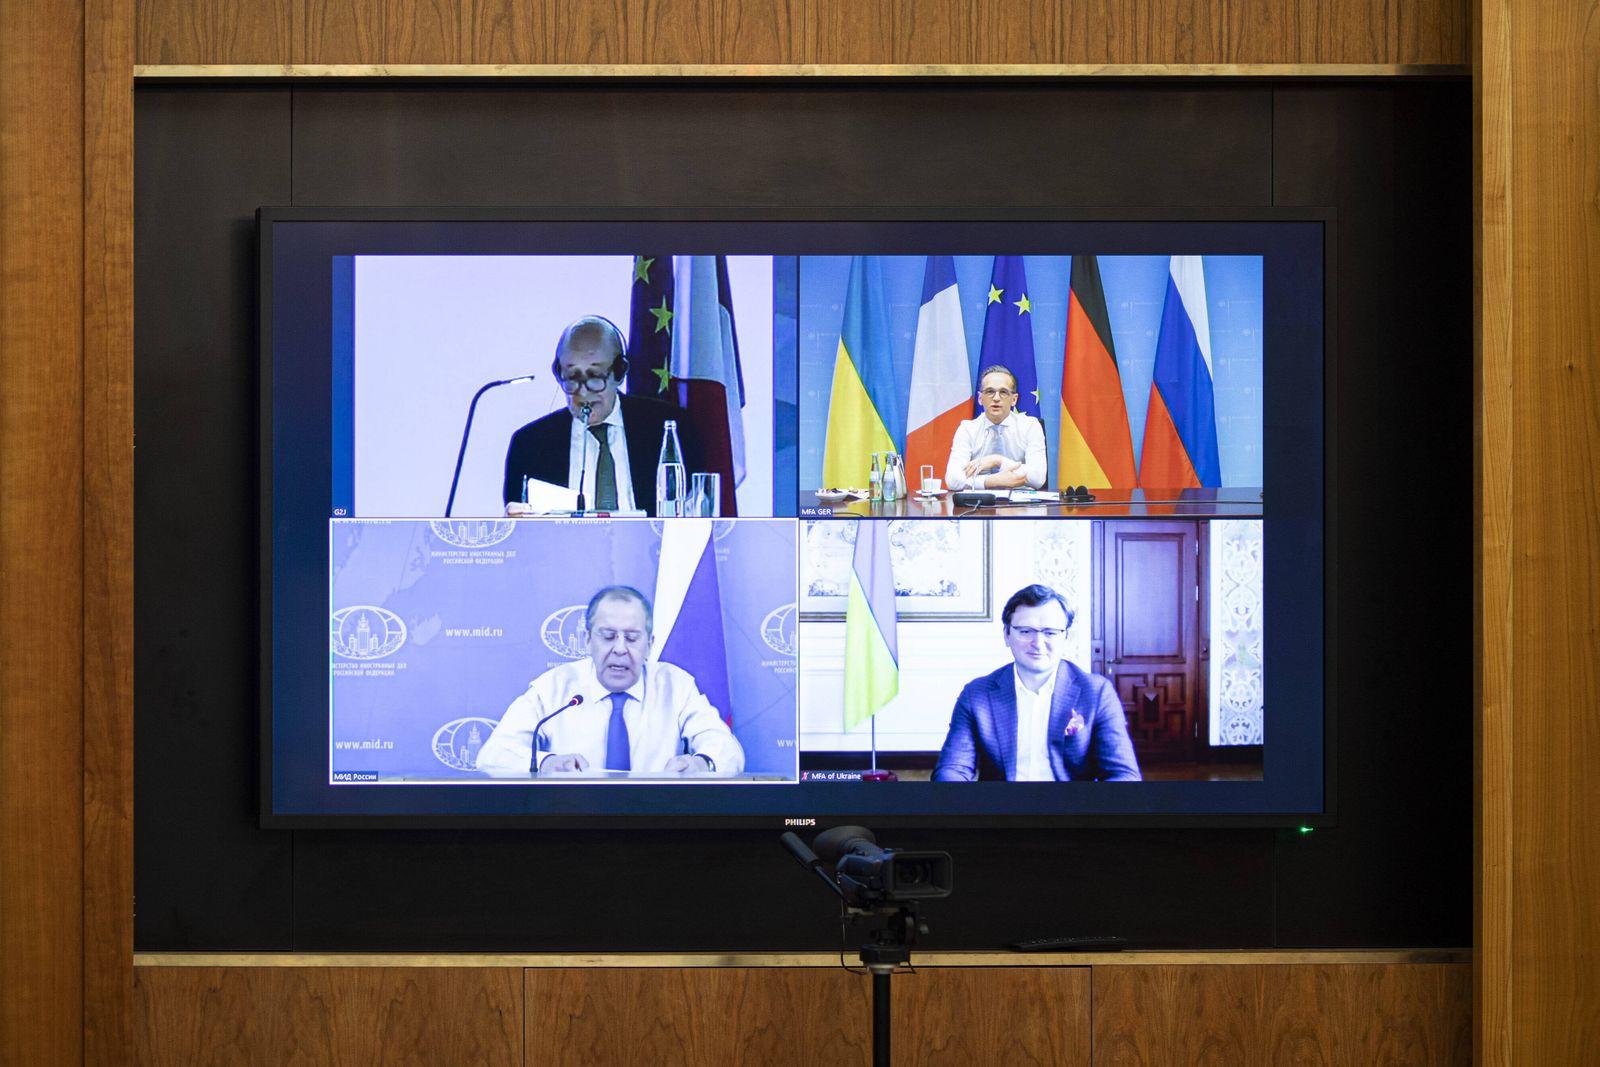 Heiko Maas, Bundesaussenminister, aufgenommen im Rahmen einer Videokonferenz im N4-Format (Normandie-Format) mit den Au